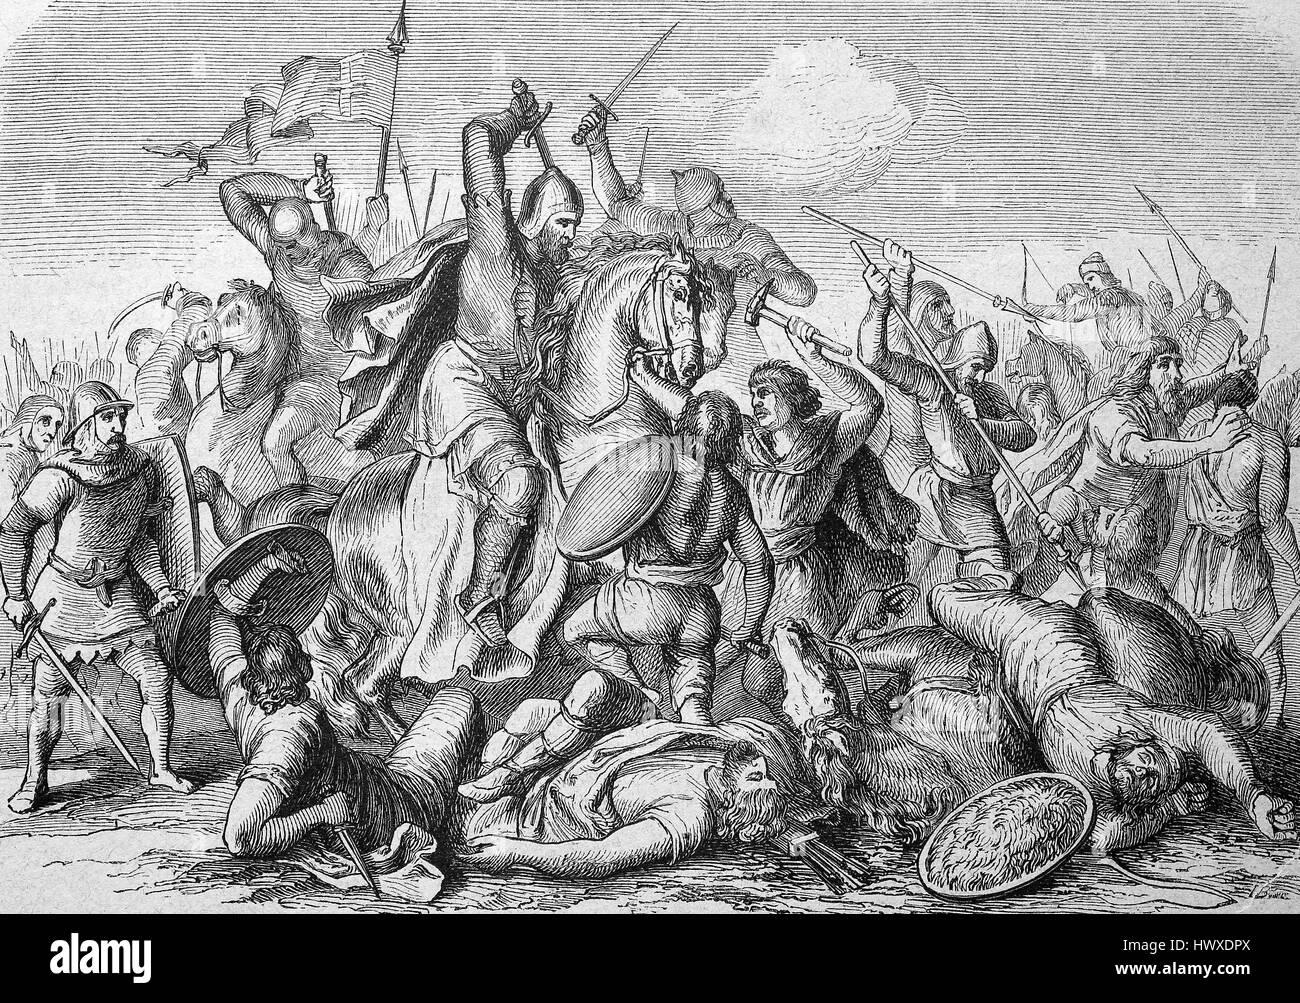 Ottone I il Grande re della Francia orientale nella battaglia di Lechfeld, 10 agosto 955, è stata una vittoria Immagini Stock